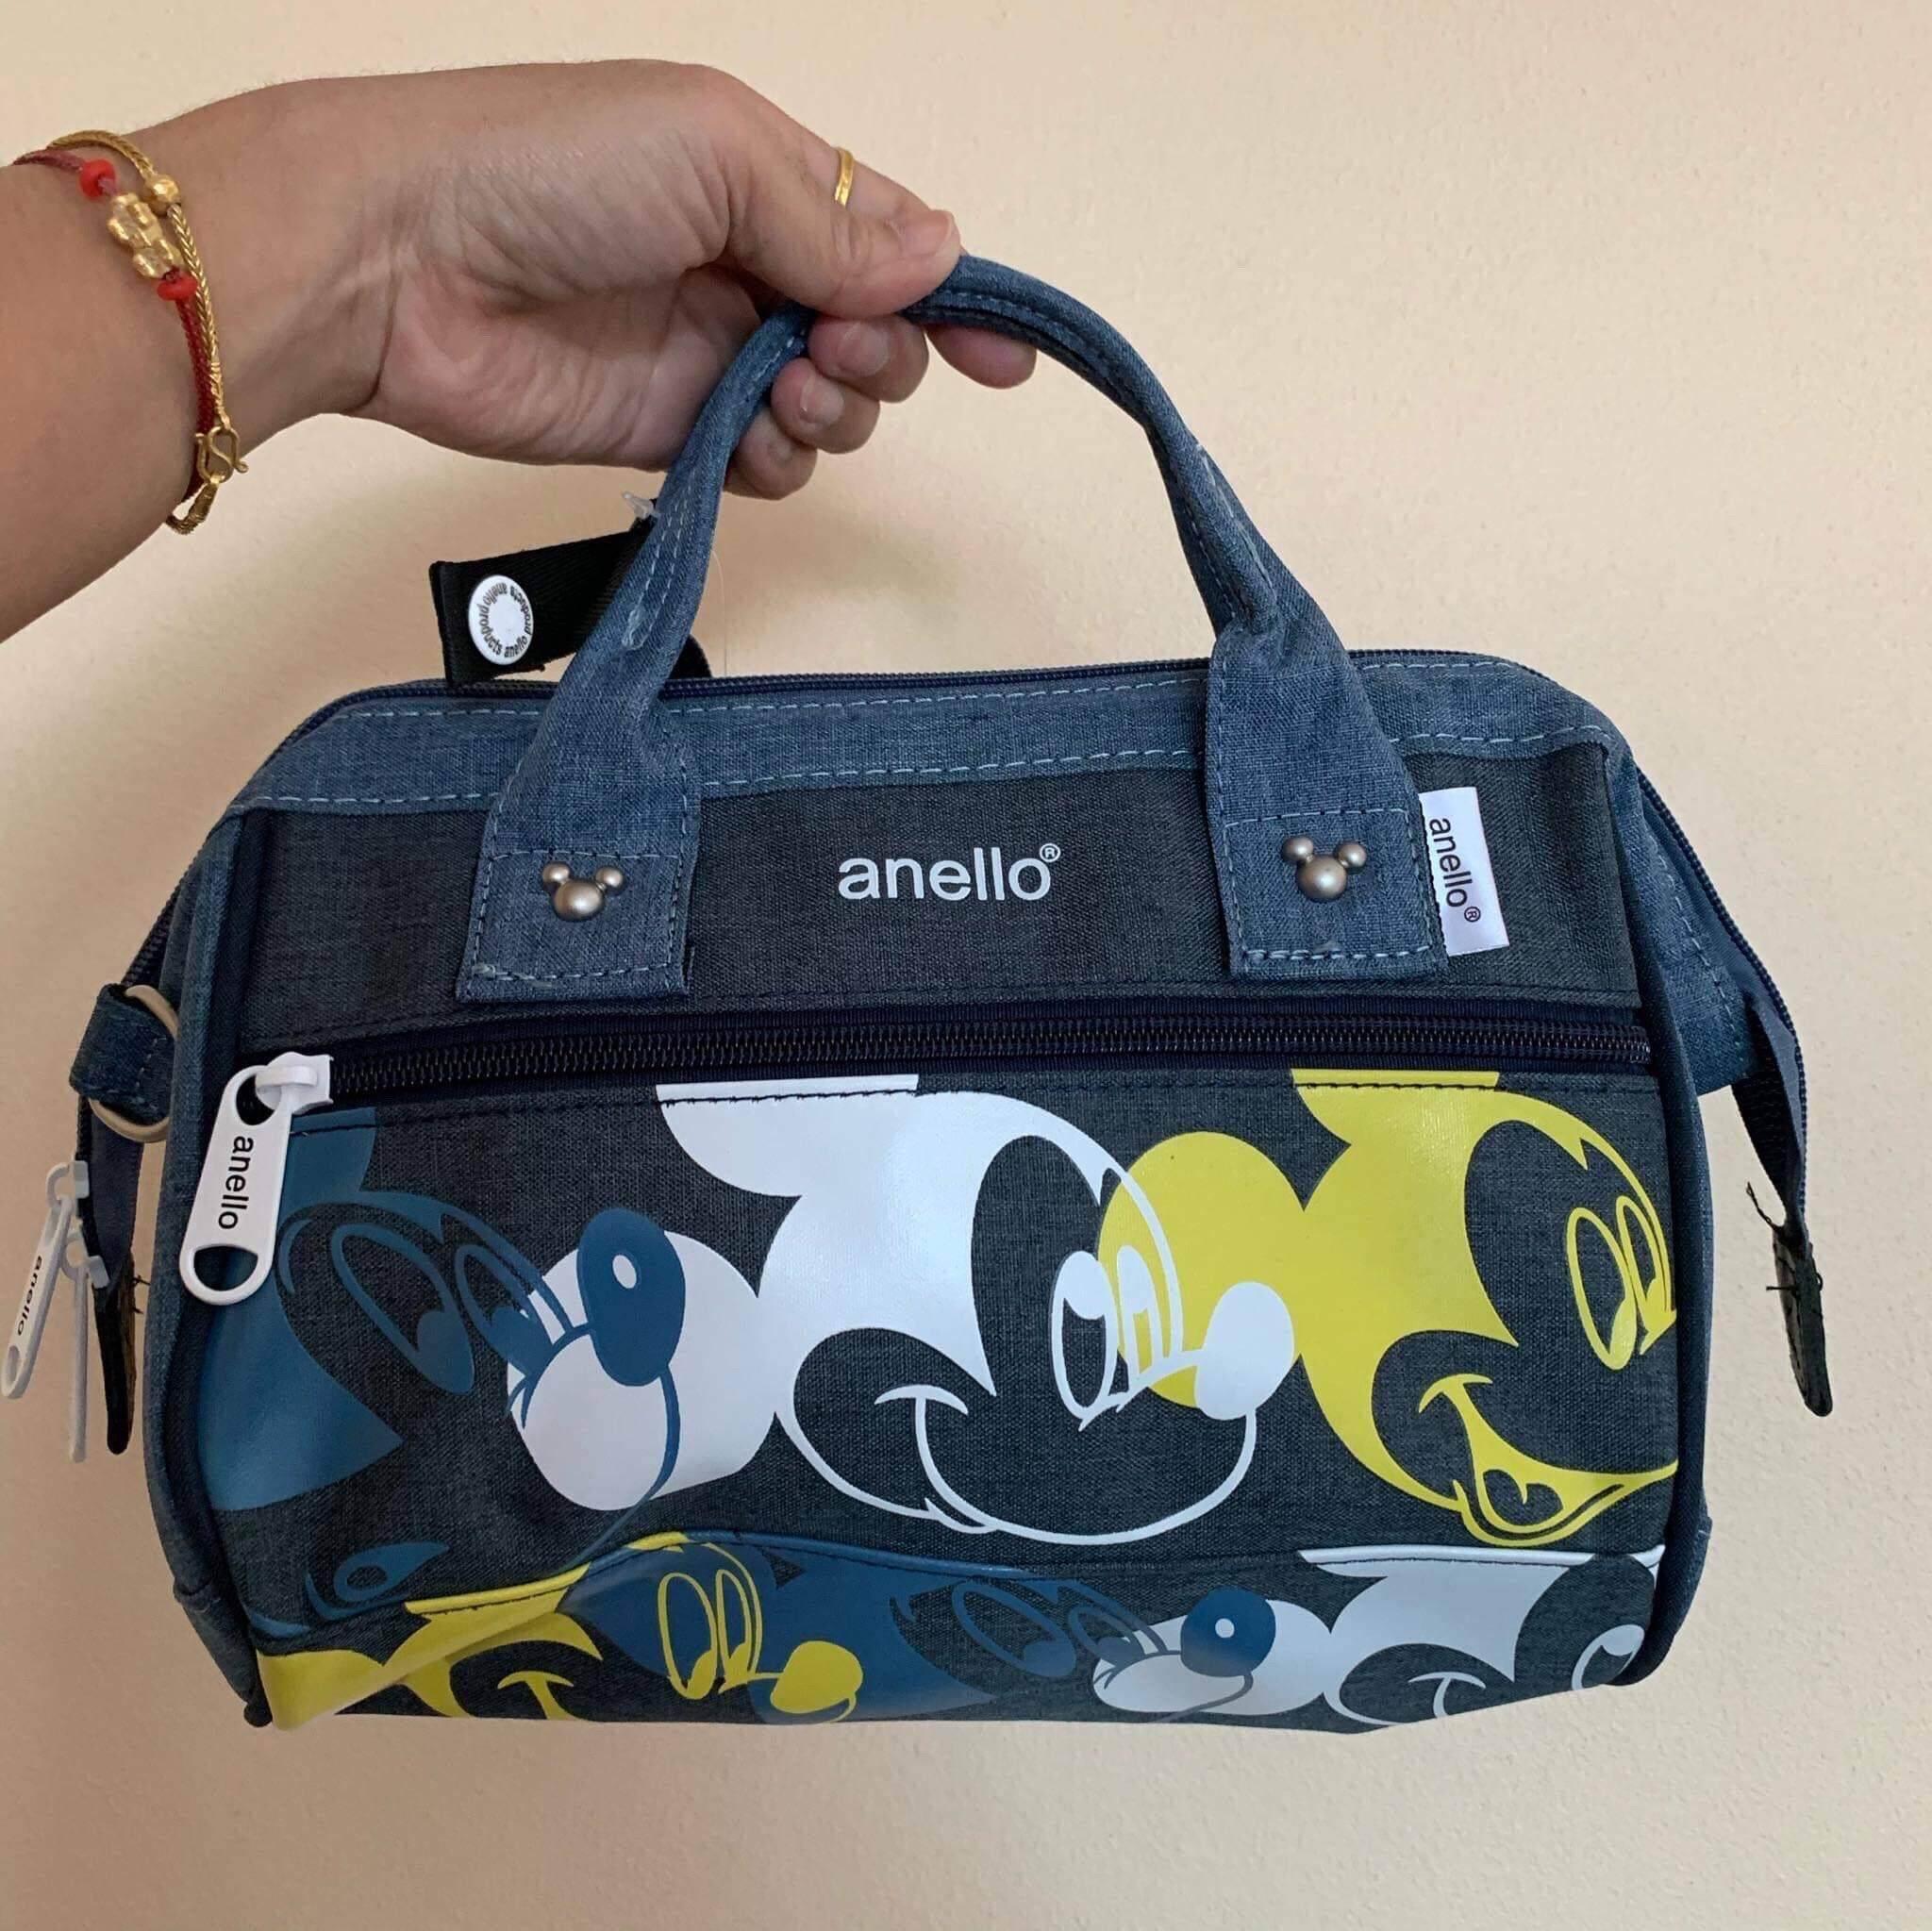 กระเป๋าถือ นักเรียน ผู้หญิง วัยรุ่น สงขลา กระเป๋าถือ anello ลายมิกกี้